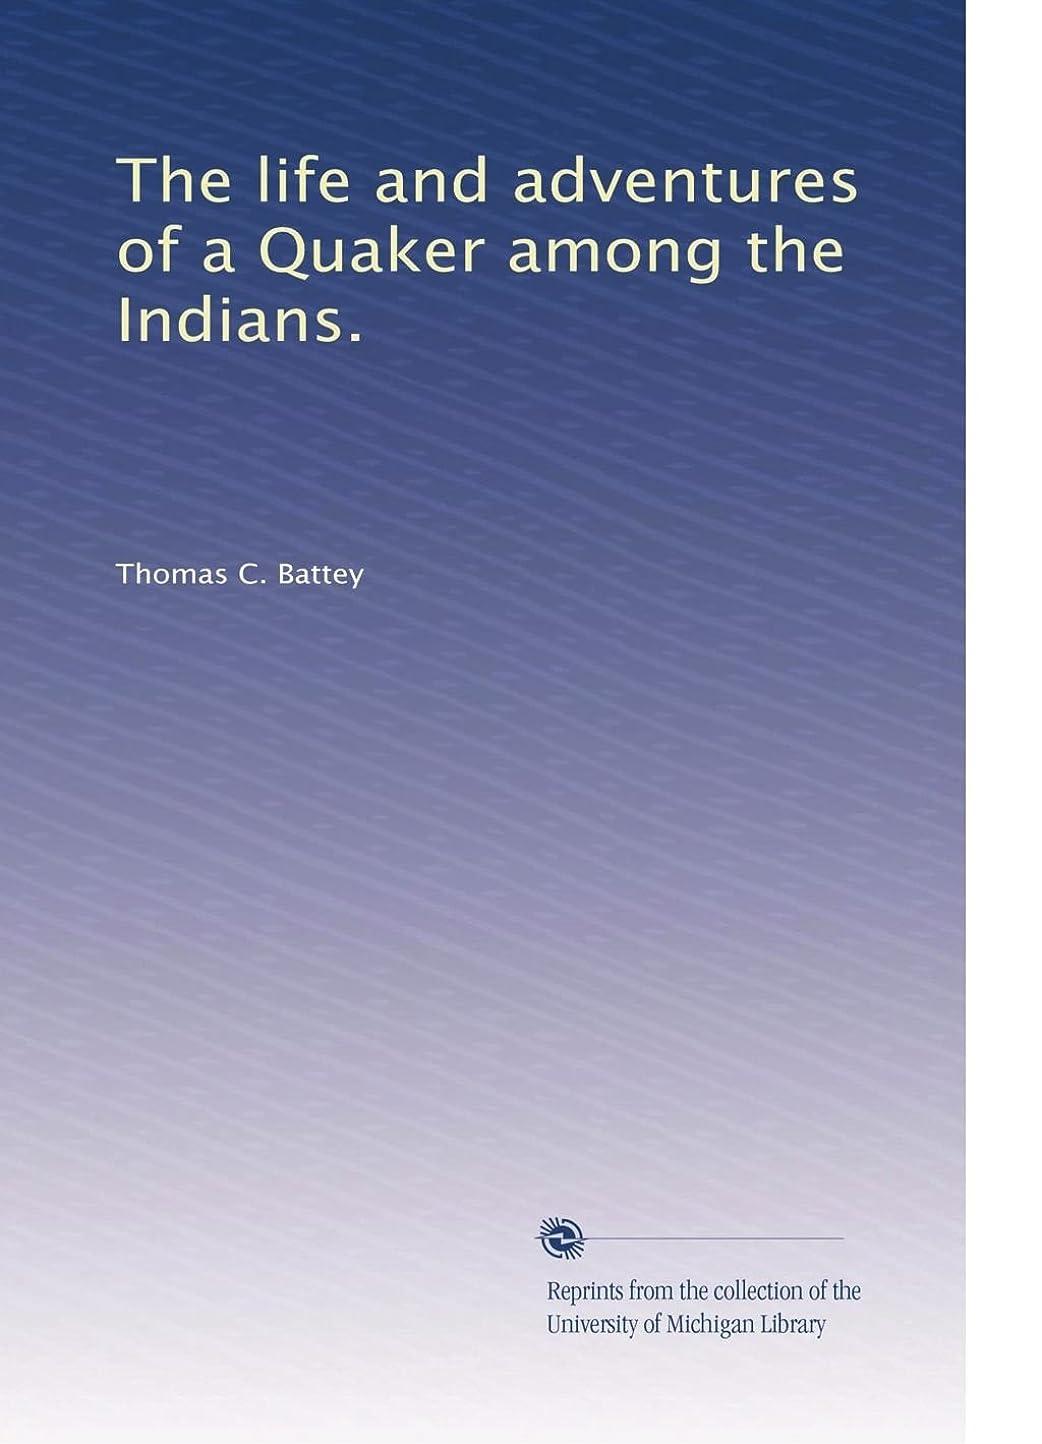 デッキペレット詐欺The life and adventures of a Quaker among the Indians.